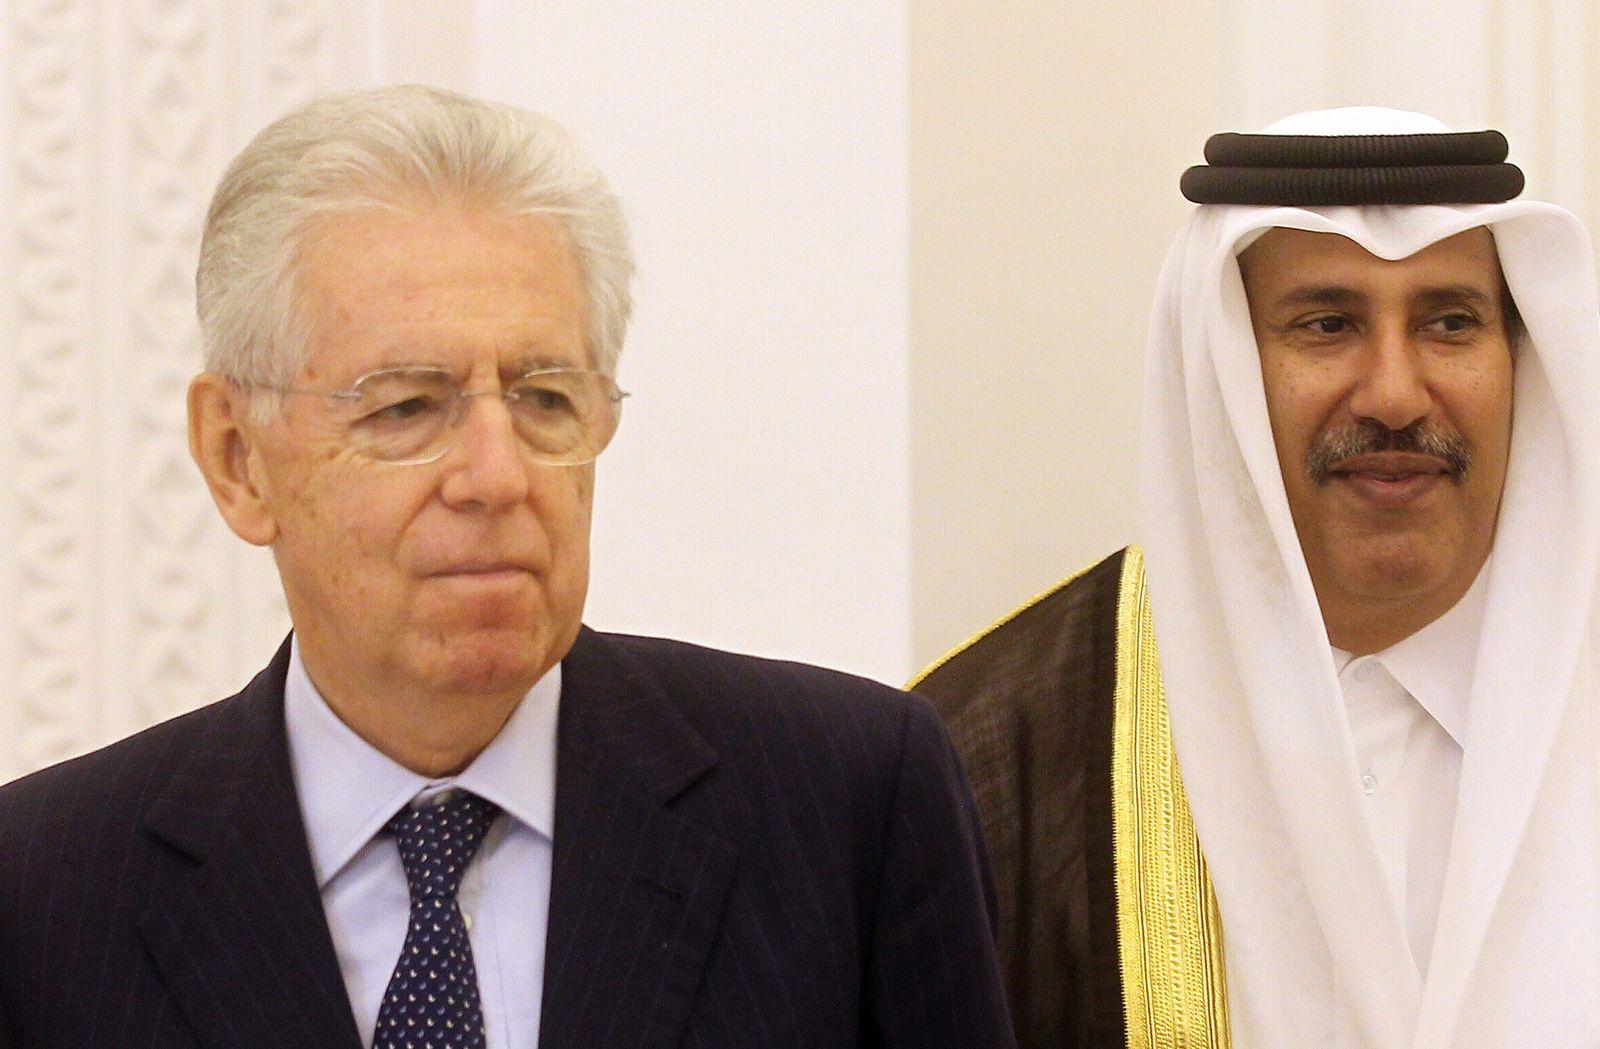 Mario Monti / Quatar / Scheich / Sheikh Hamad bin Jassem bin Jabr al-Thani